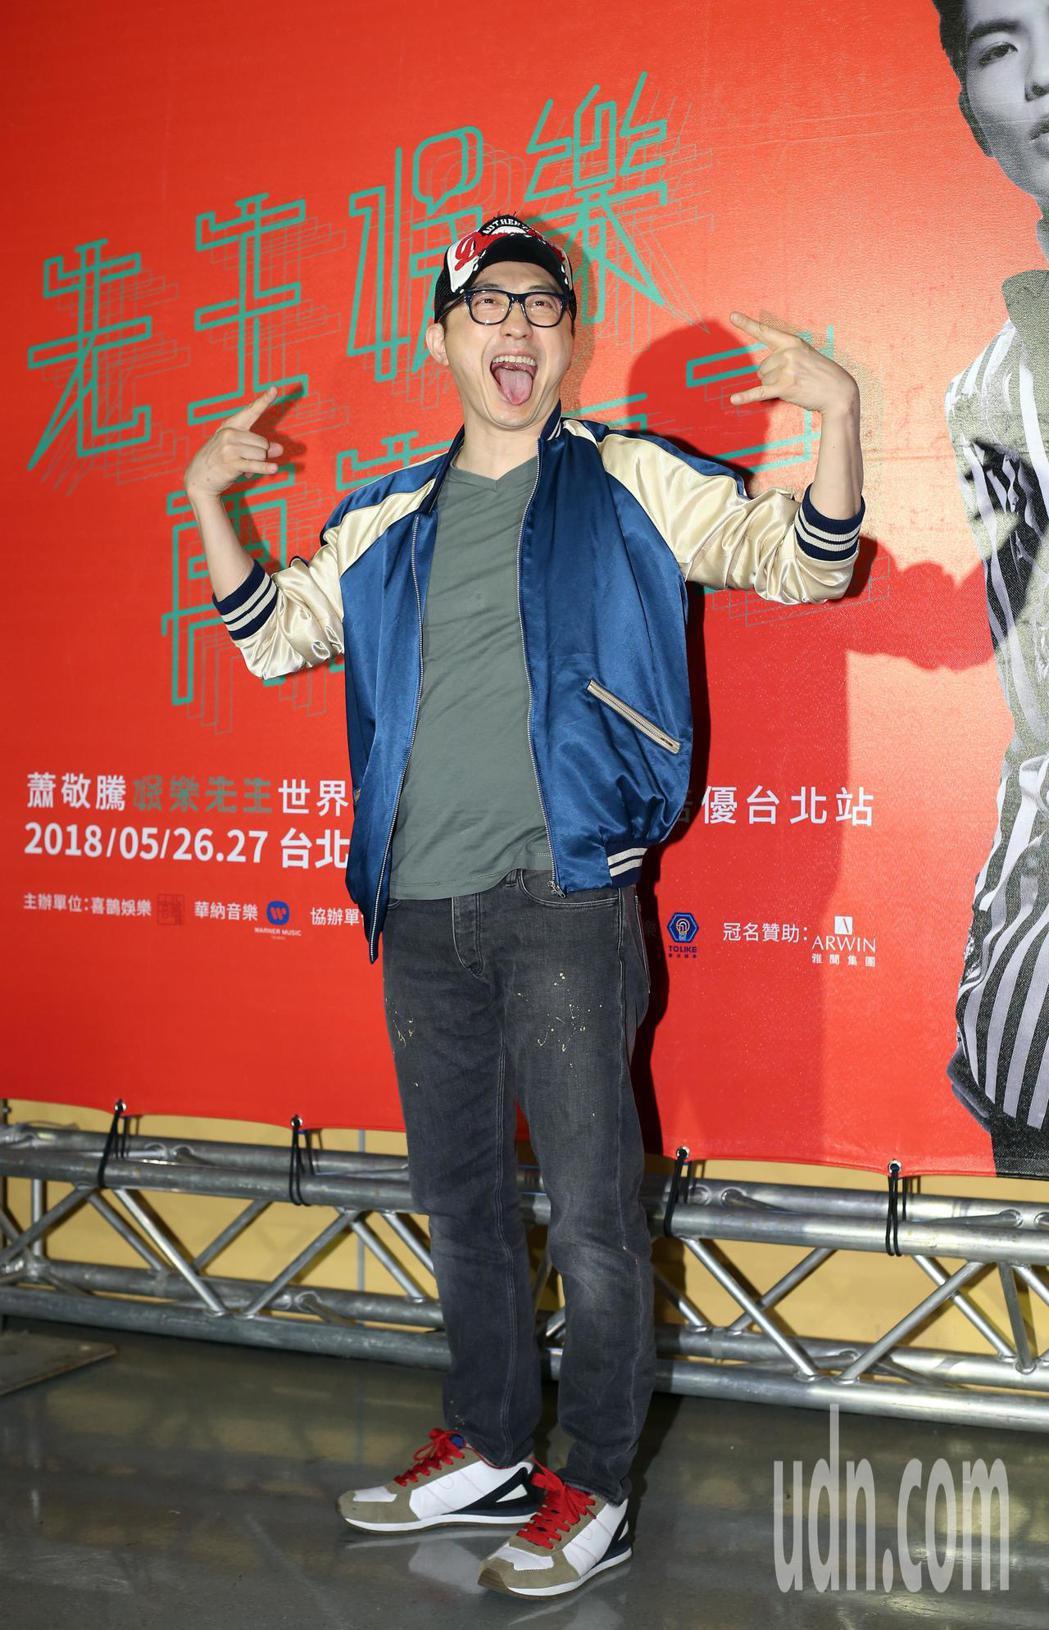 蕭敬騰第四度登上台北小巨蛋舉辦演唱會,庾澄慶也來聽歌觀賞。記者許正宏/攝影